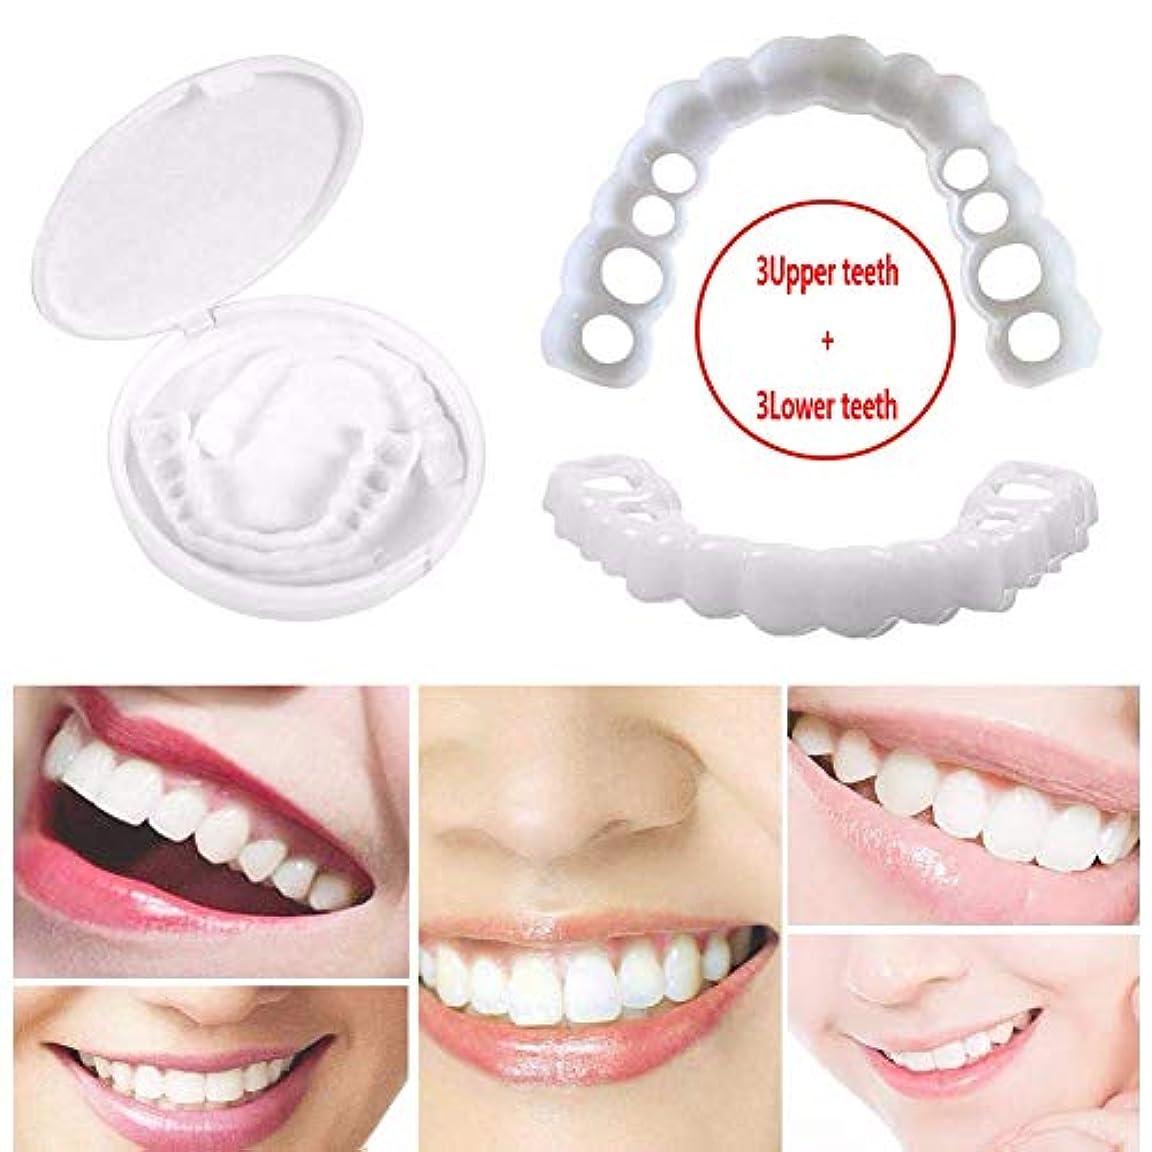 進化する不機嫌医薬品3組の一時的な歯の白くなること、一時的な化粧品の歯の義歯の化粧品は収納箱が付いているブレースを模倣しました,3upperteeth+3lowerteeth